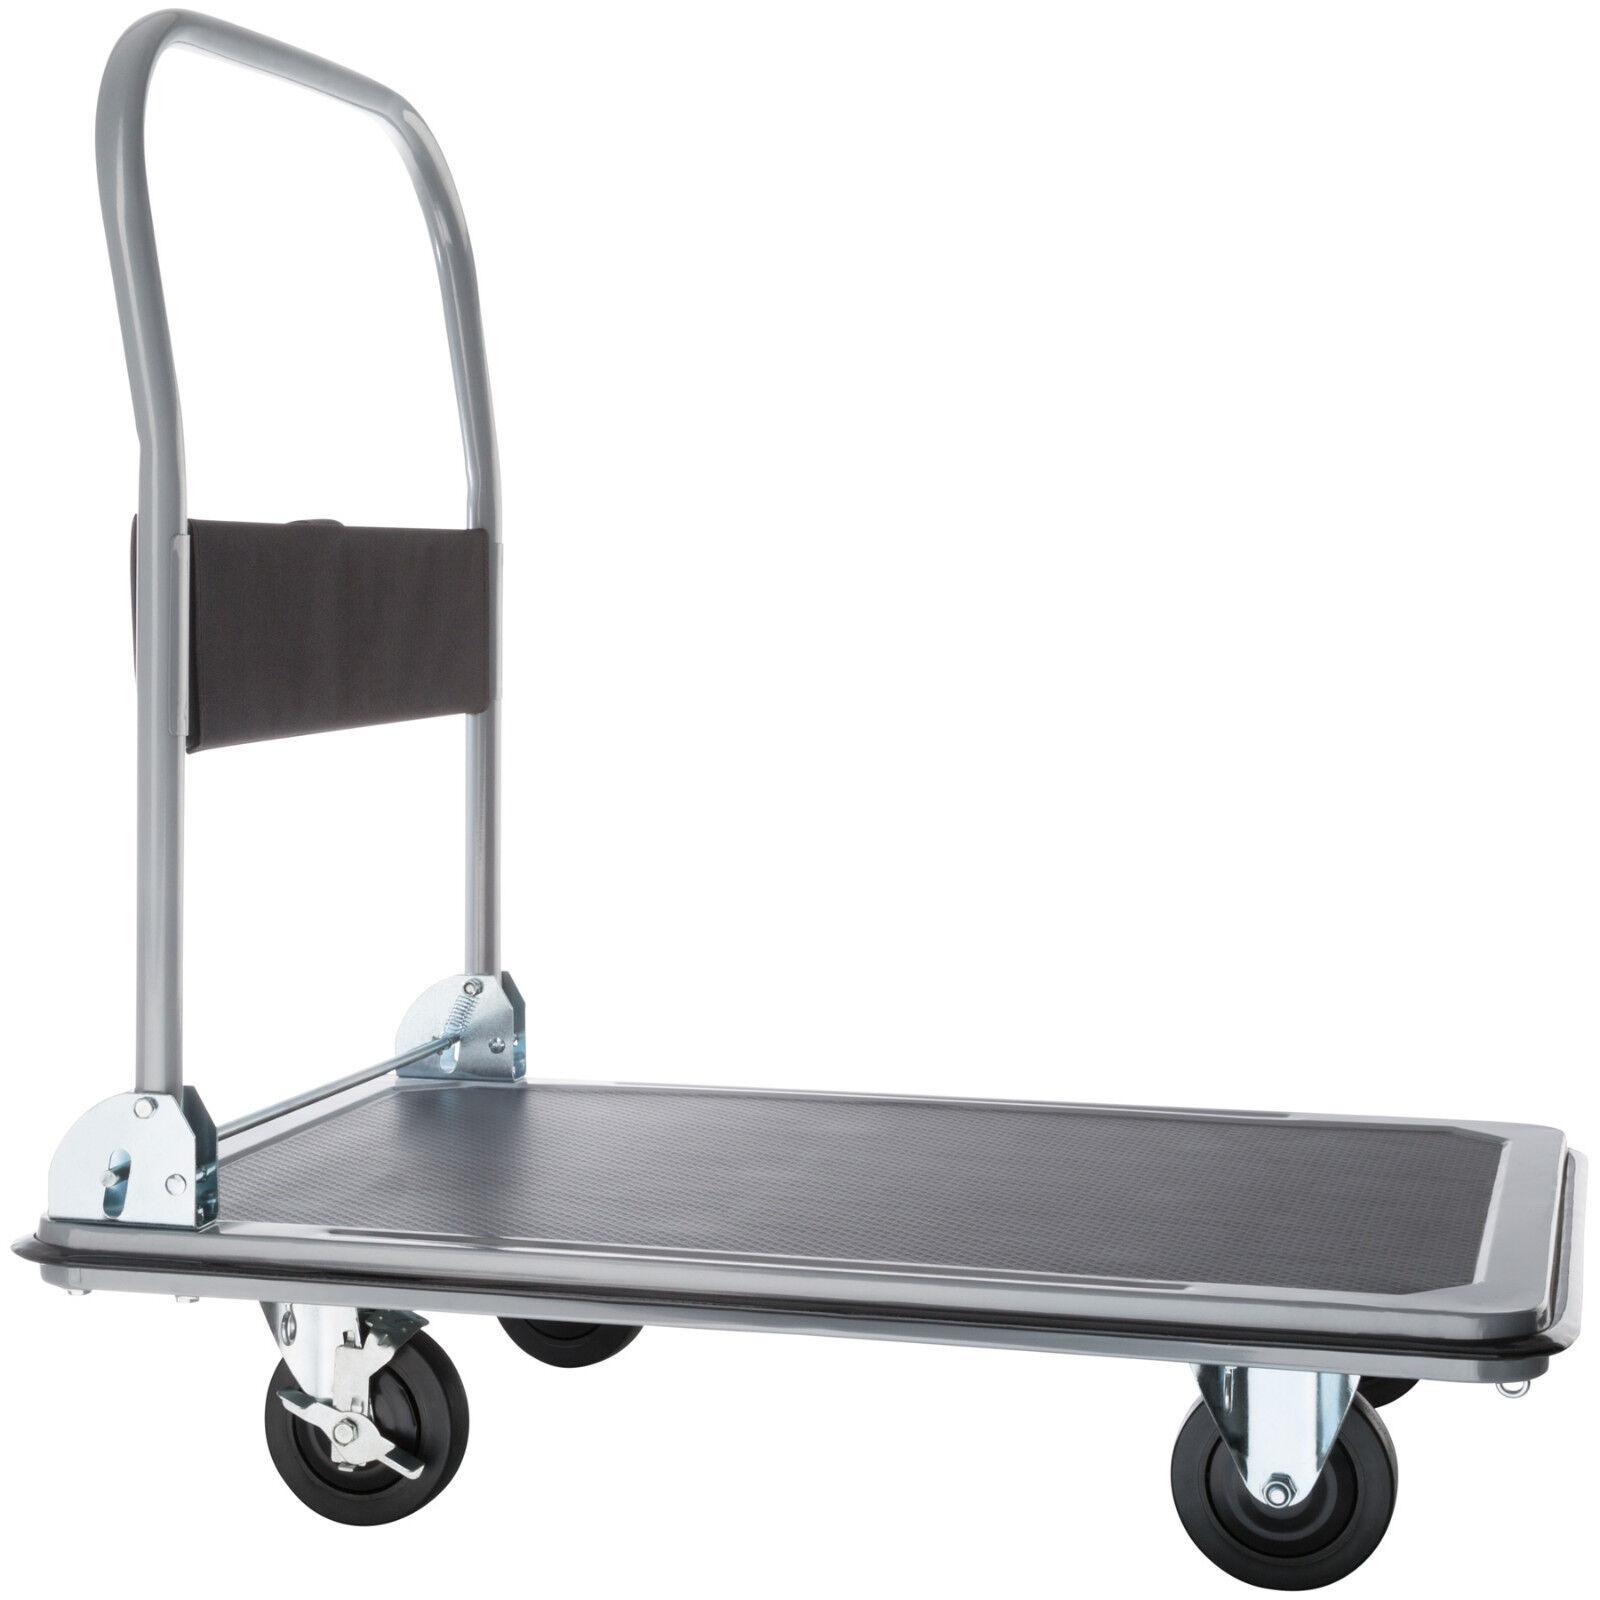 Carrello a pianale manuale da trasporto pieghevole carrelli pianale nero 300kg